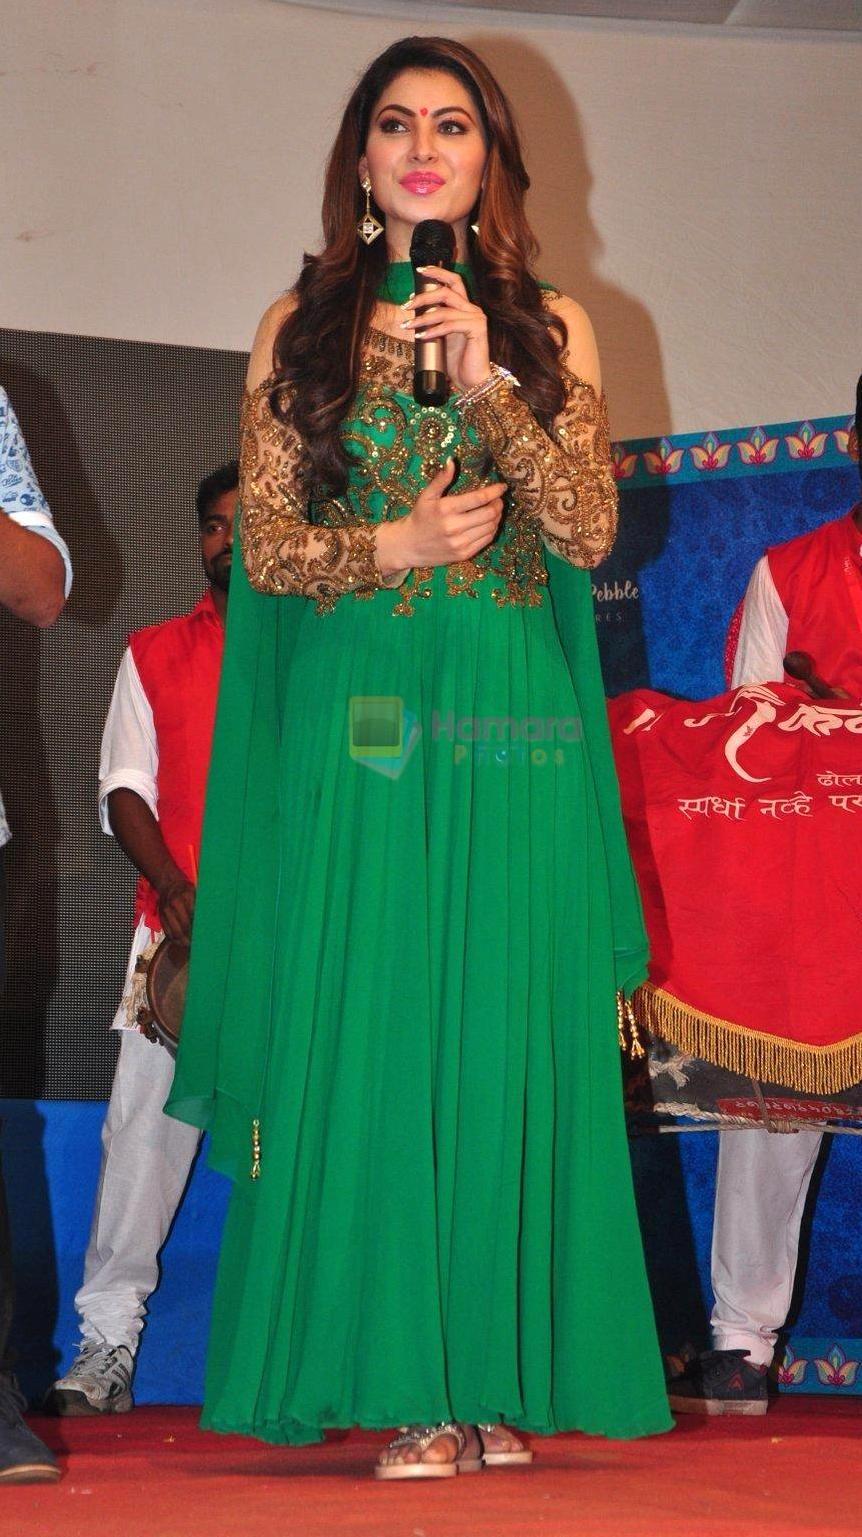 Urvashi Rautela Fashion, Glamour, Opening ceremony